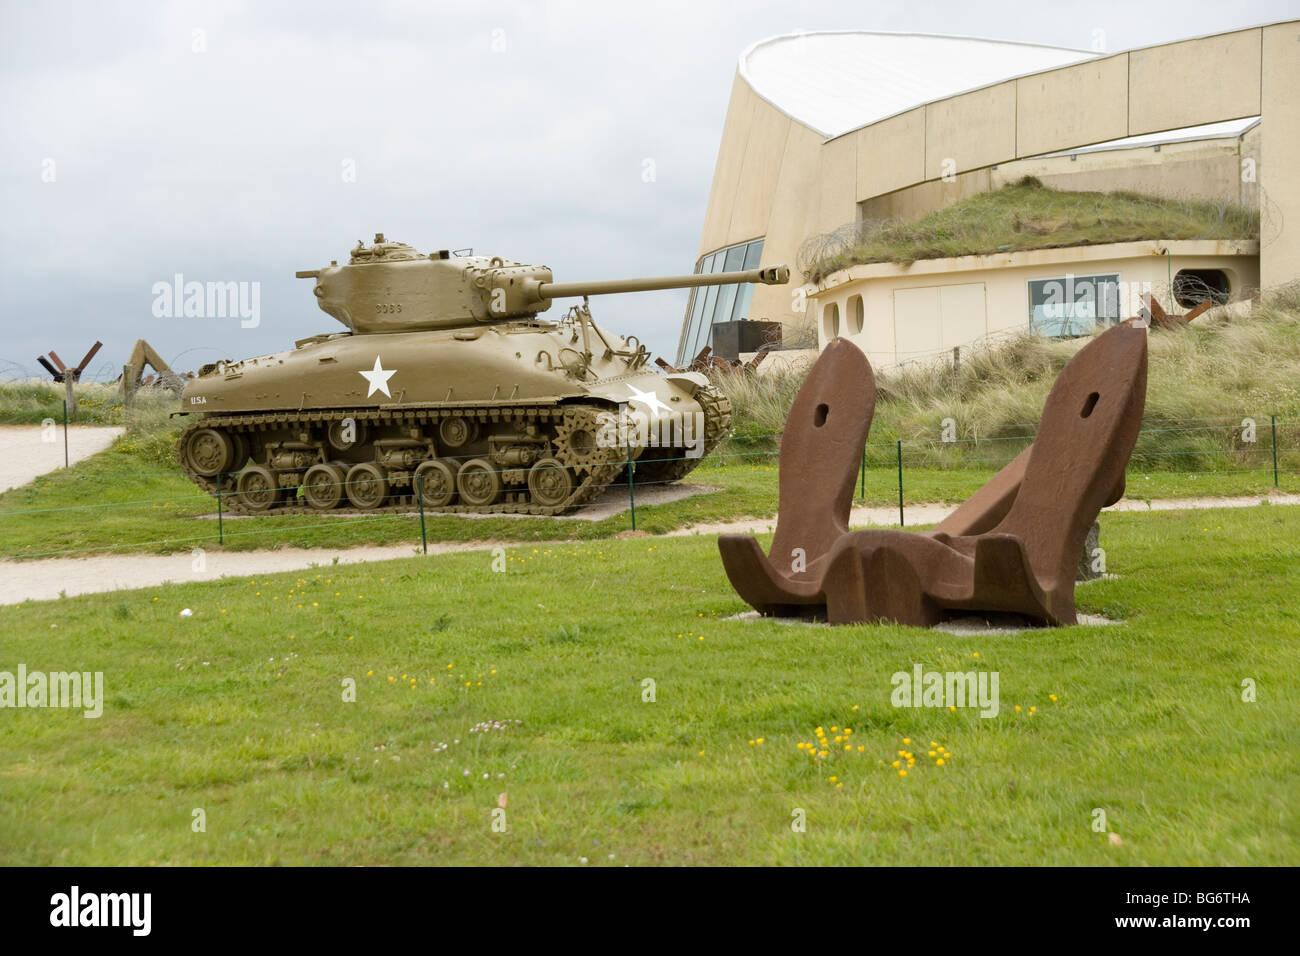 The Museum and Sherman tank at Utah Beach scene of landings